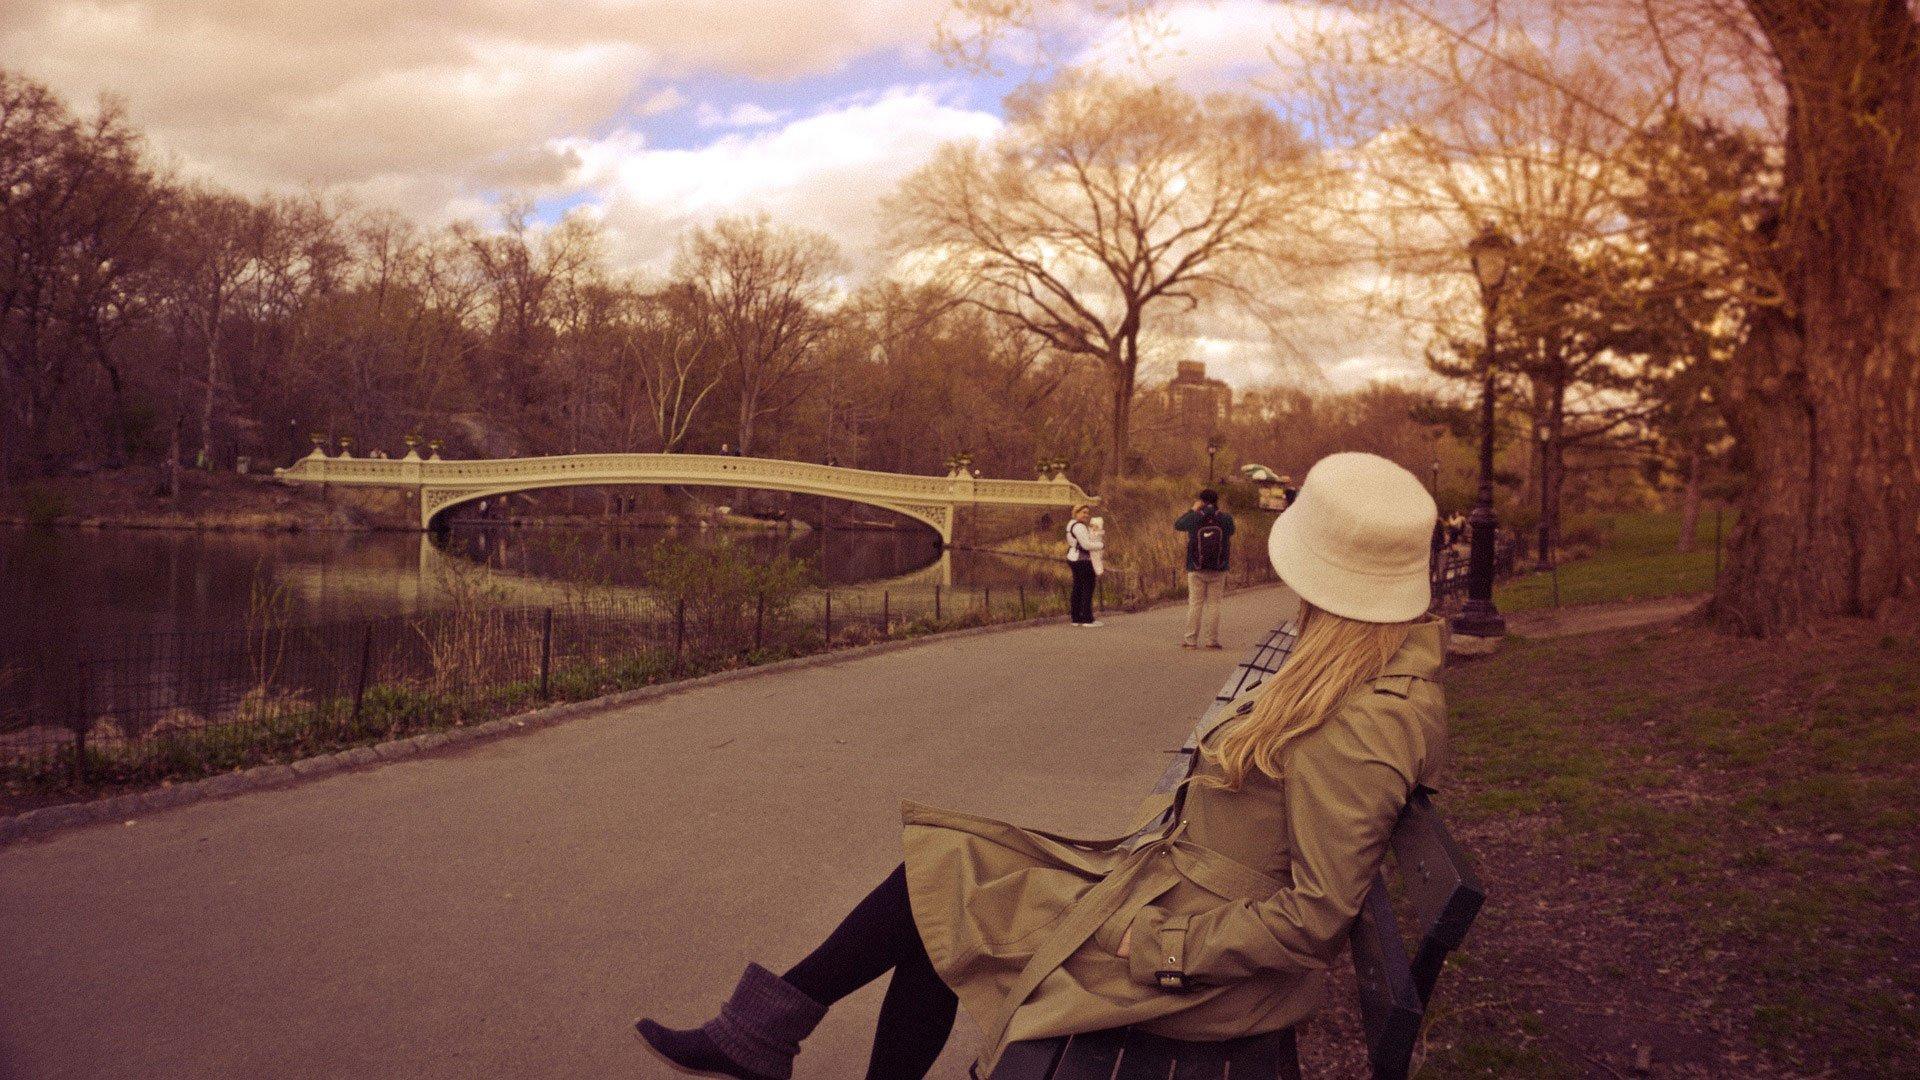 Fresh air in park